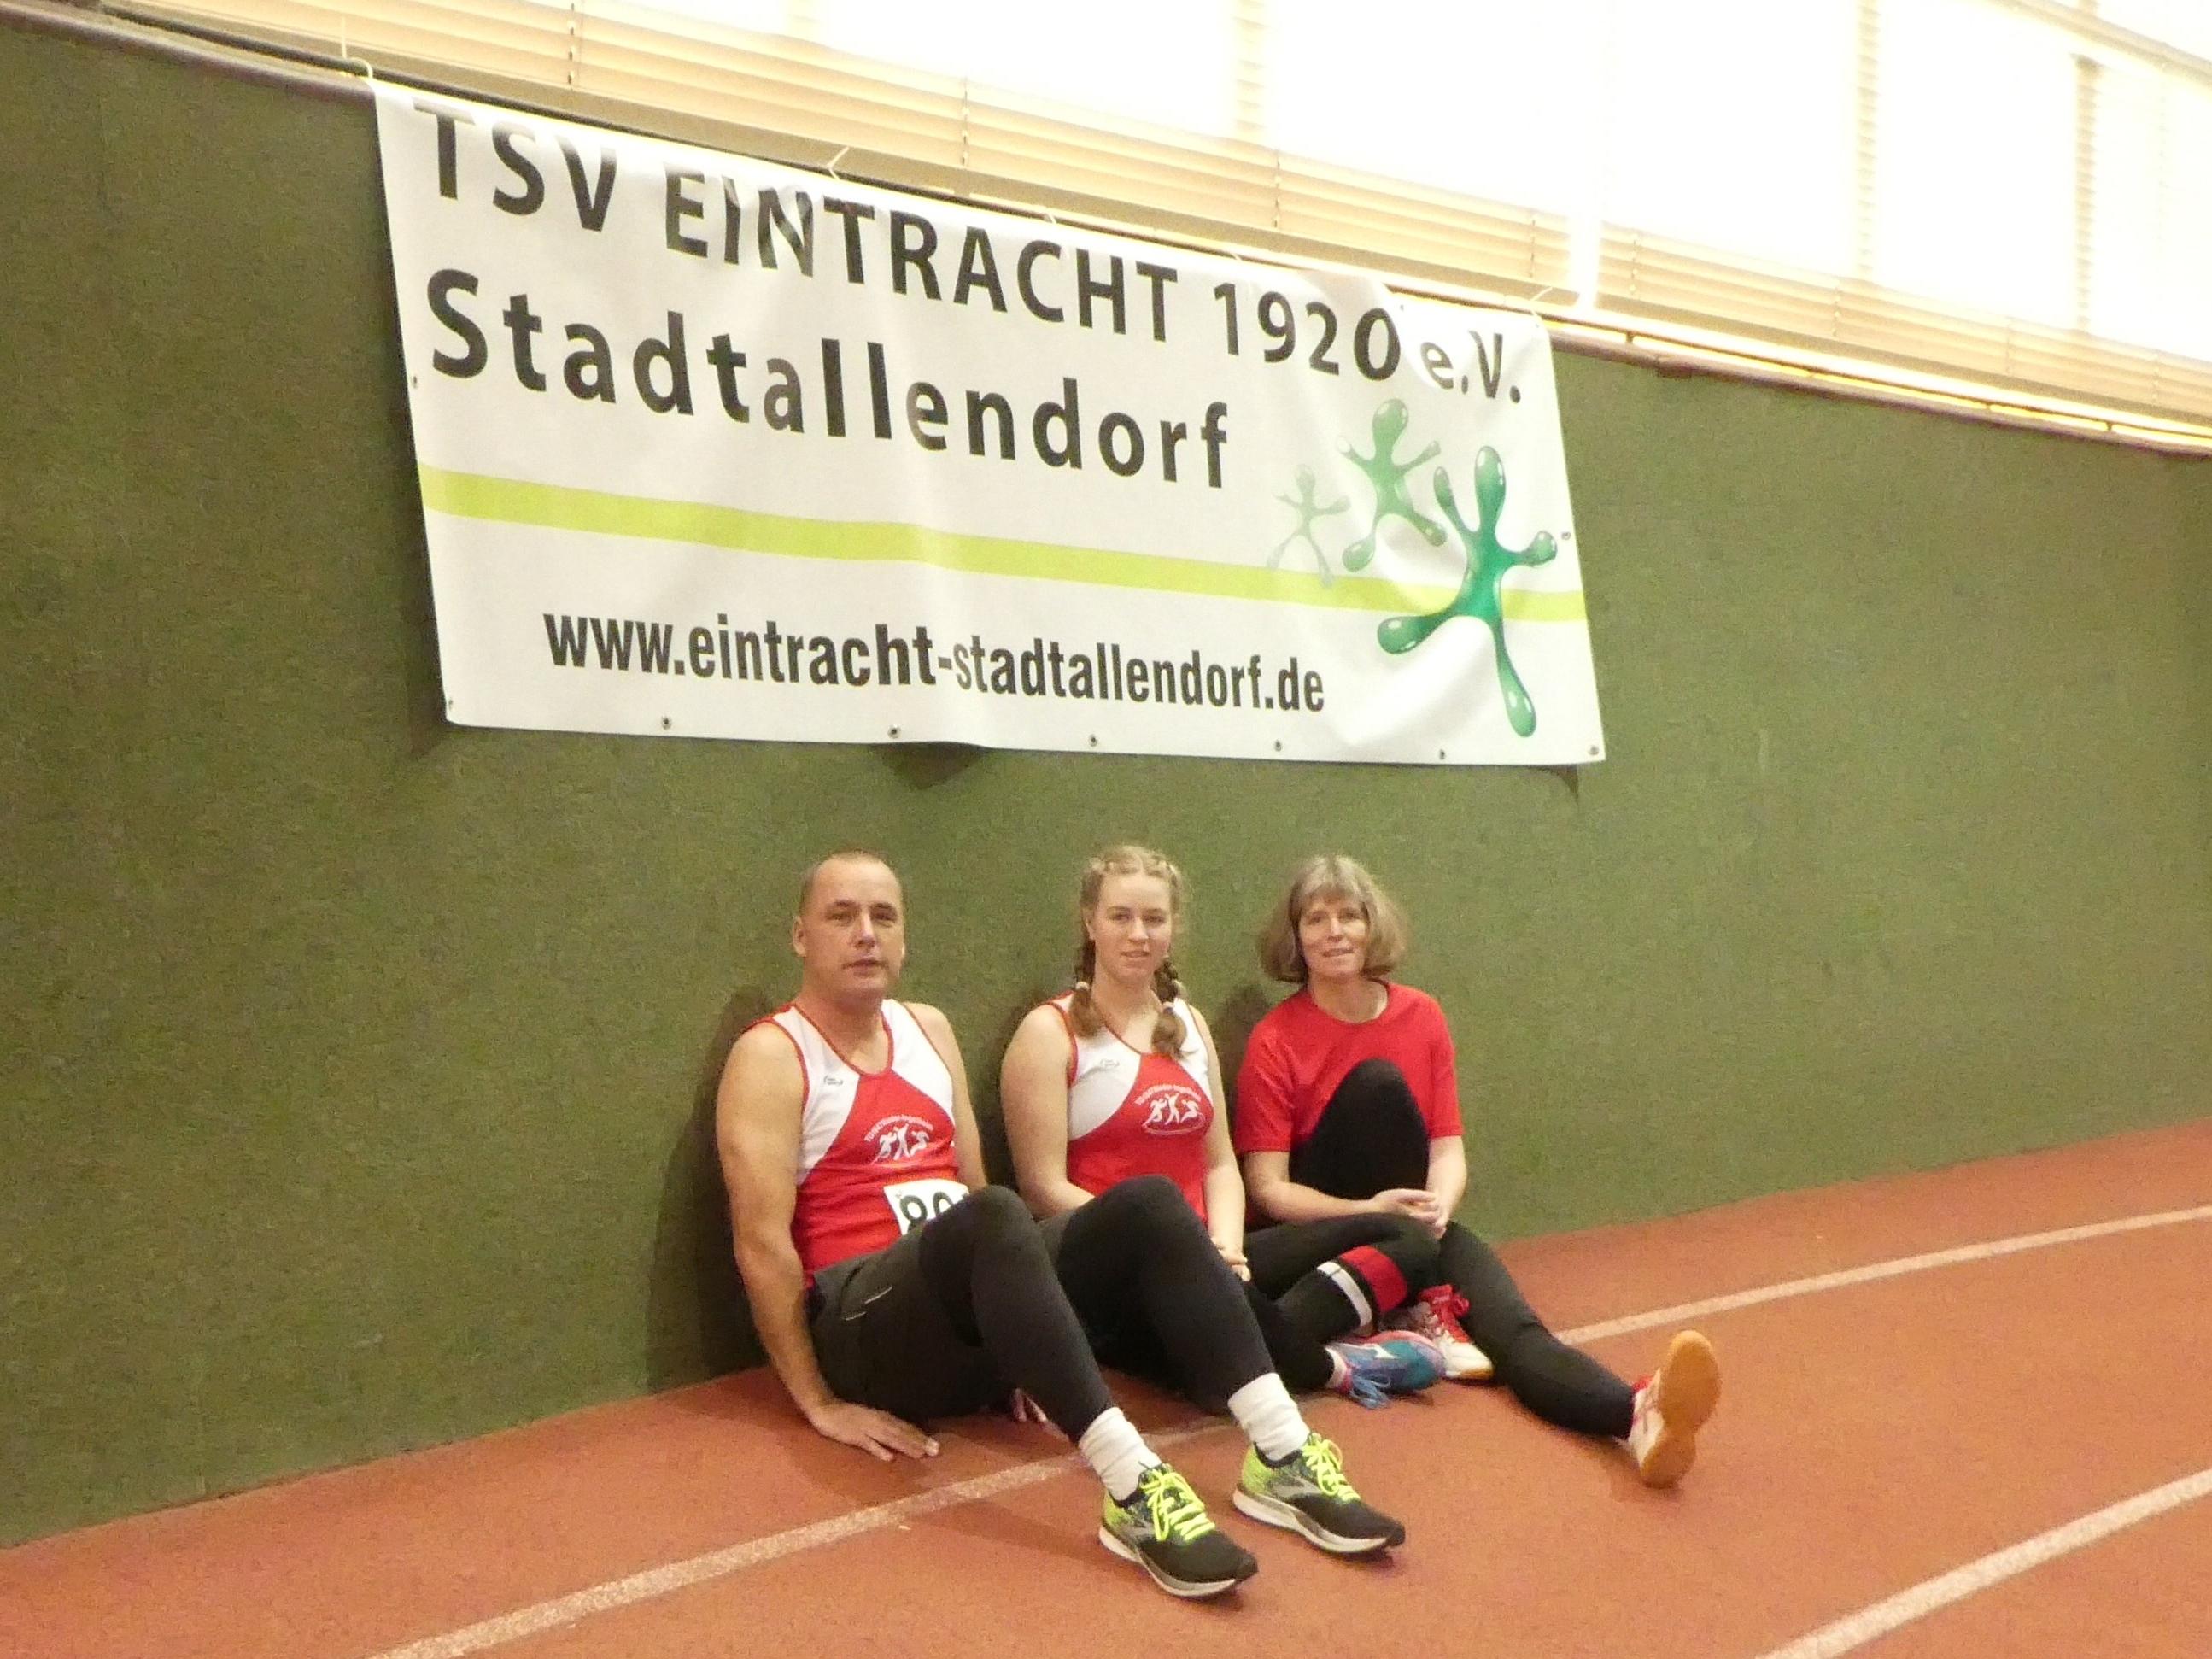 Konstantin Boje, Katharina Hassemer und Hildegard Hassemer bei den Regionalen Hallenmeisterschaften in Stadtallendorf am 15.2.2020